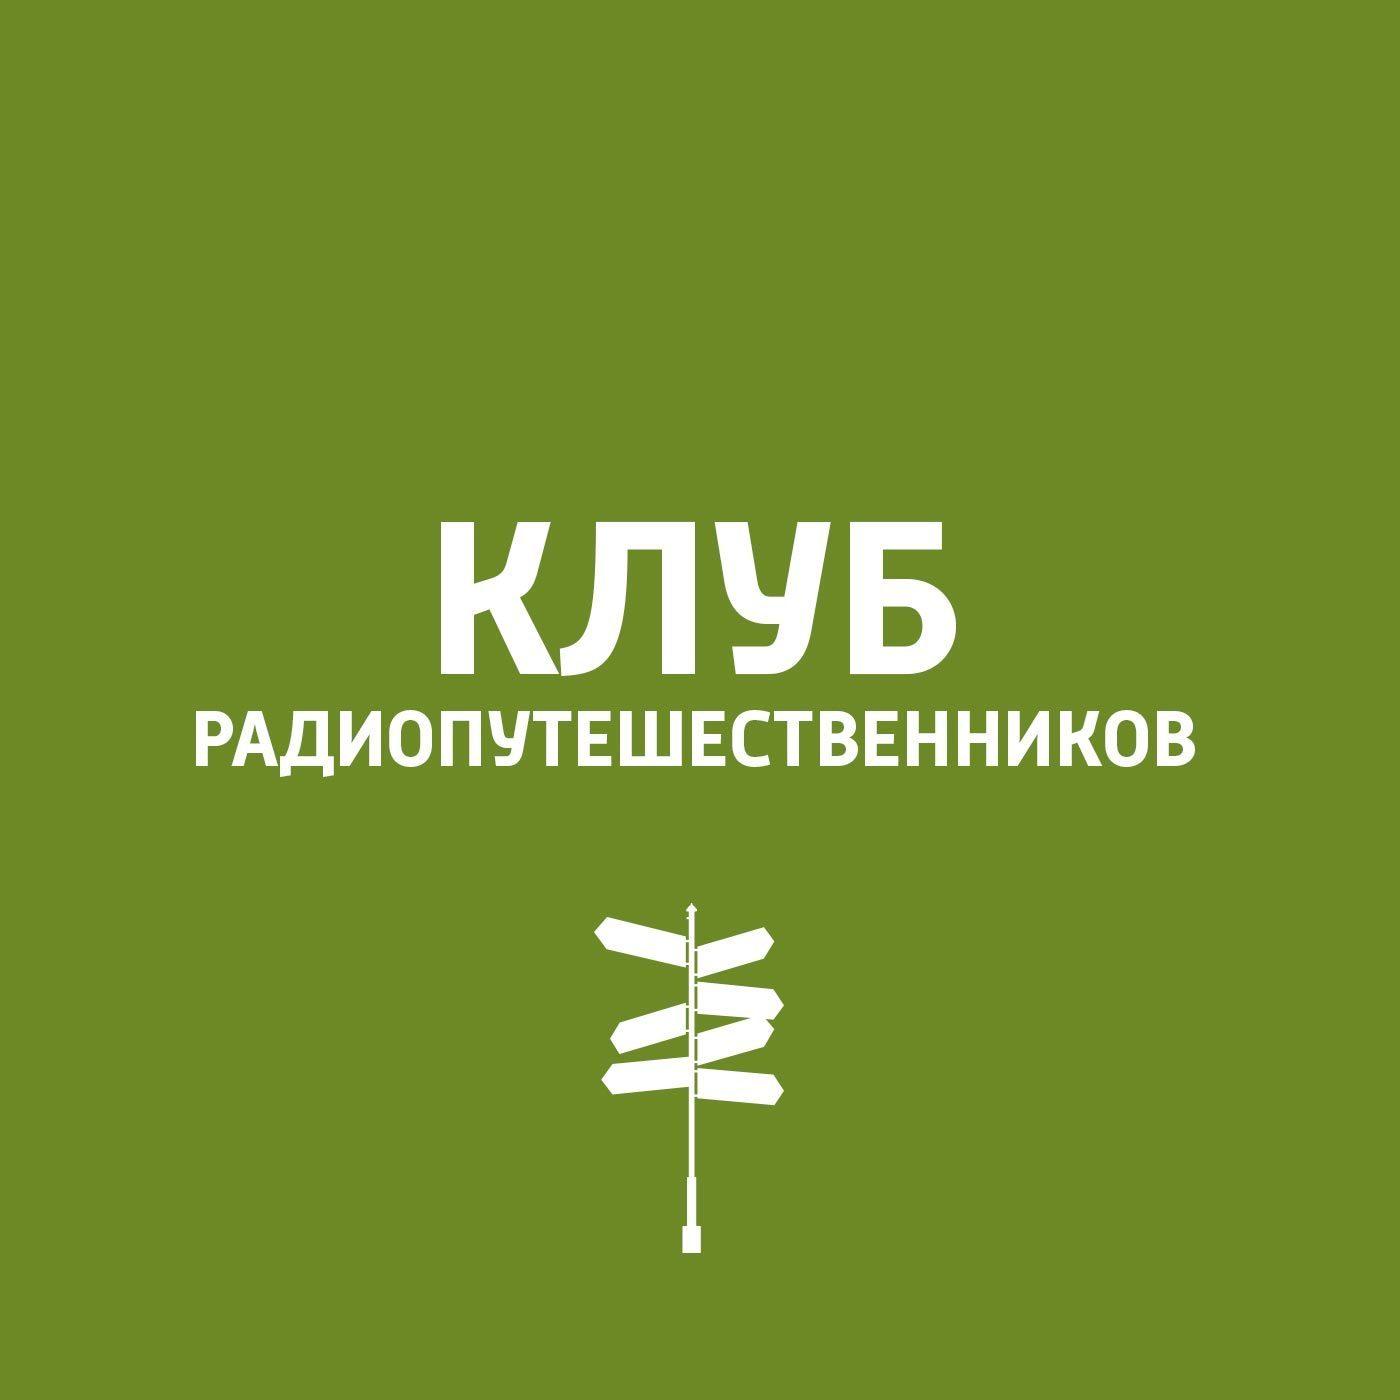 Пётр Фадеев Тихвин монета номиналом 10 рублей города воинской славы туапсе сталь латунь россия 2012 год